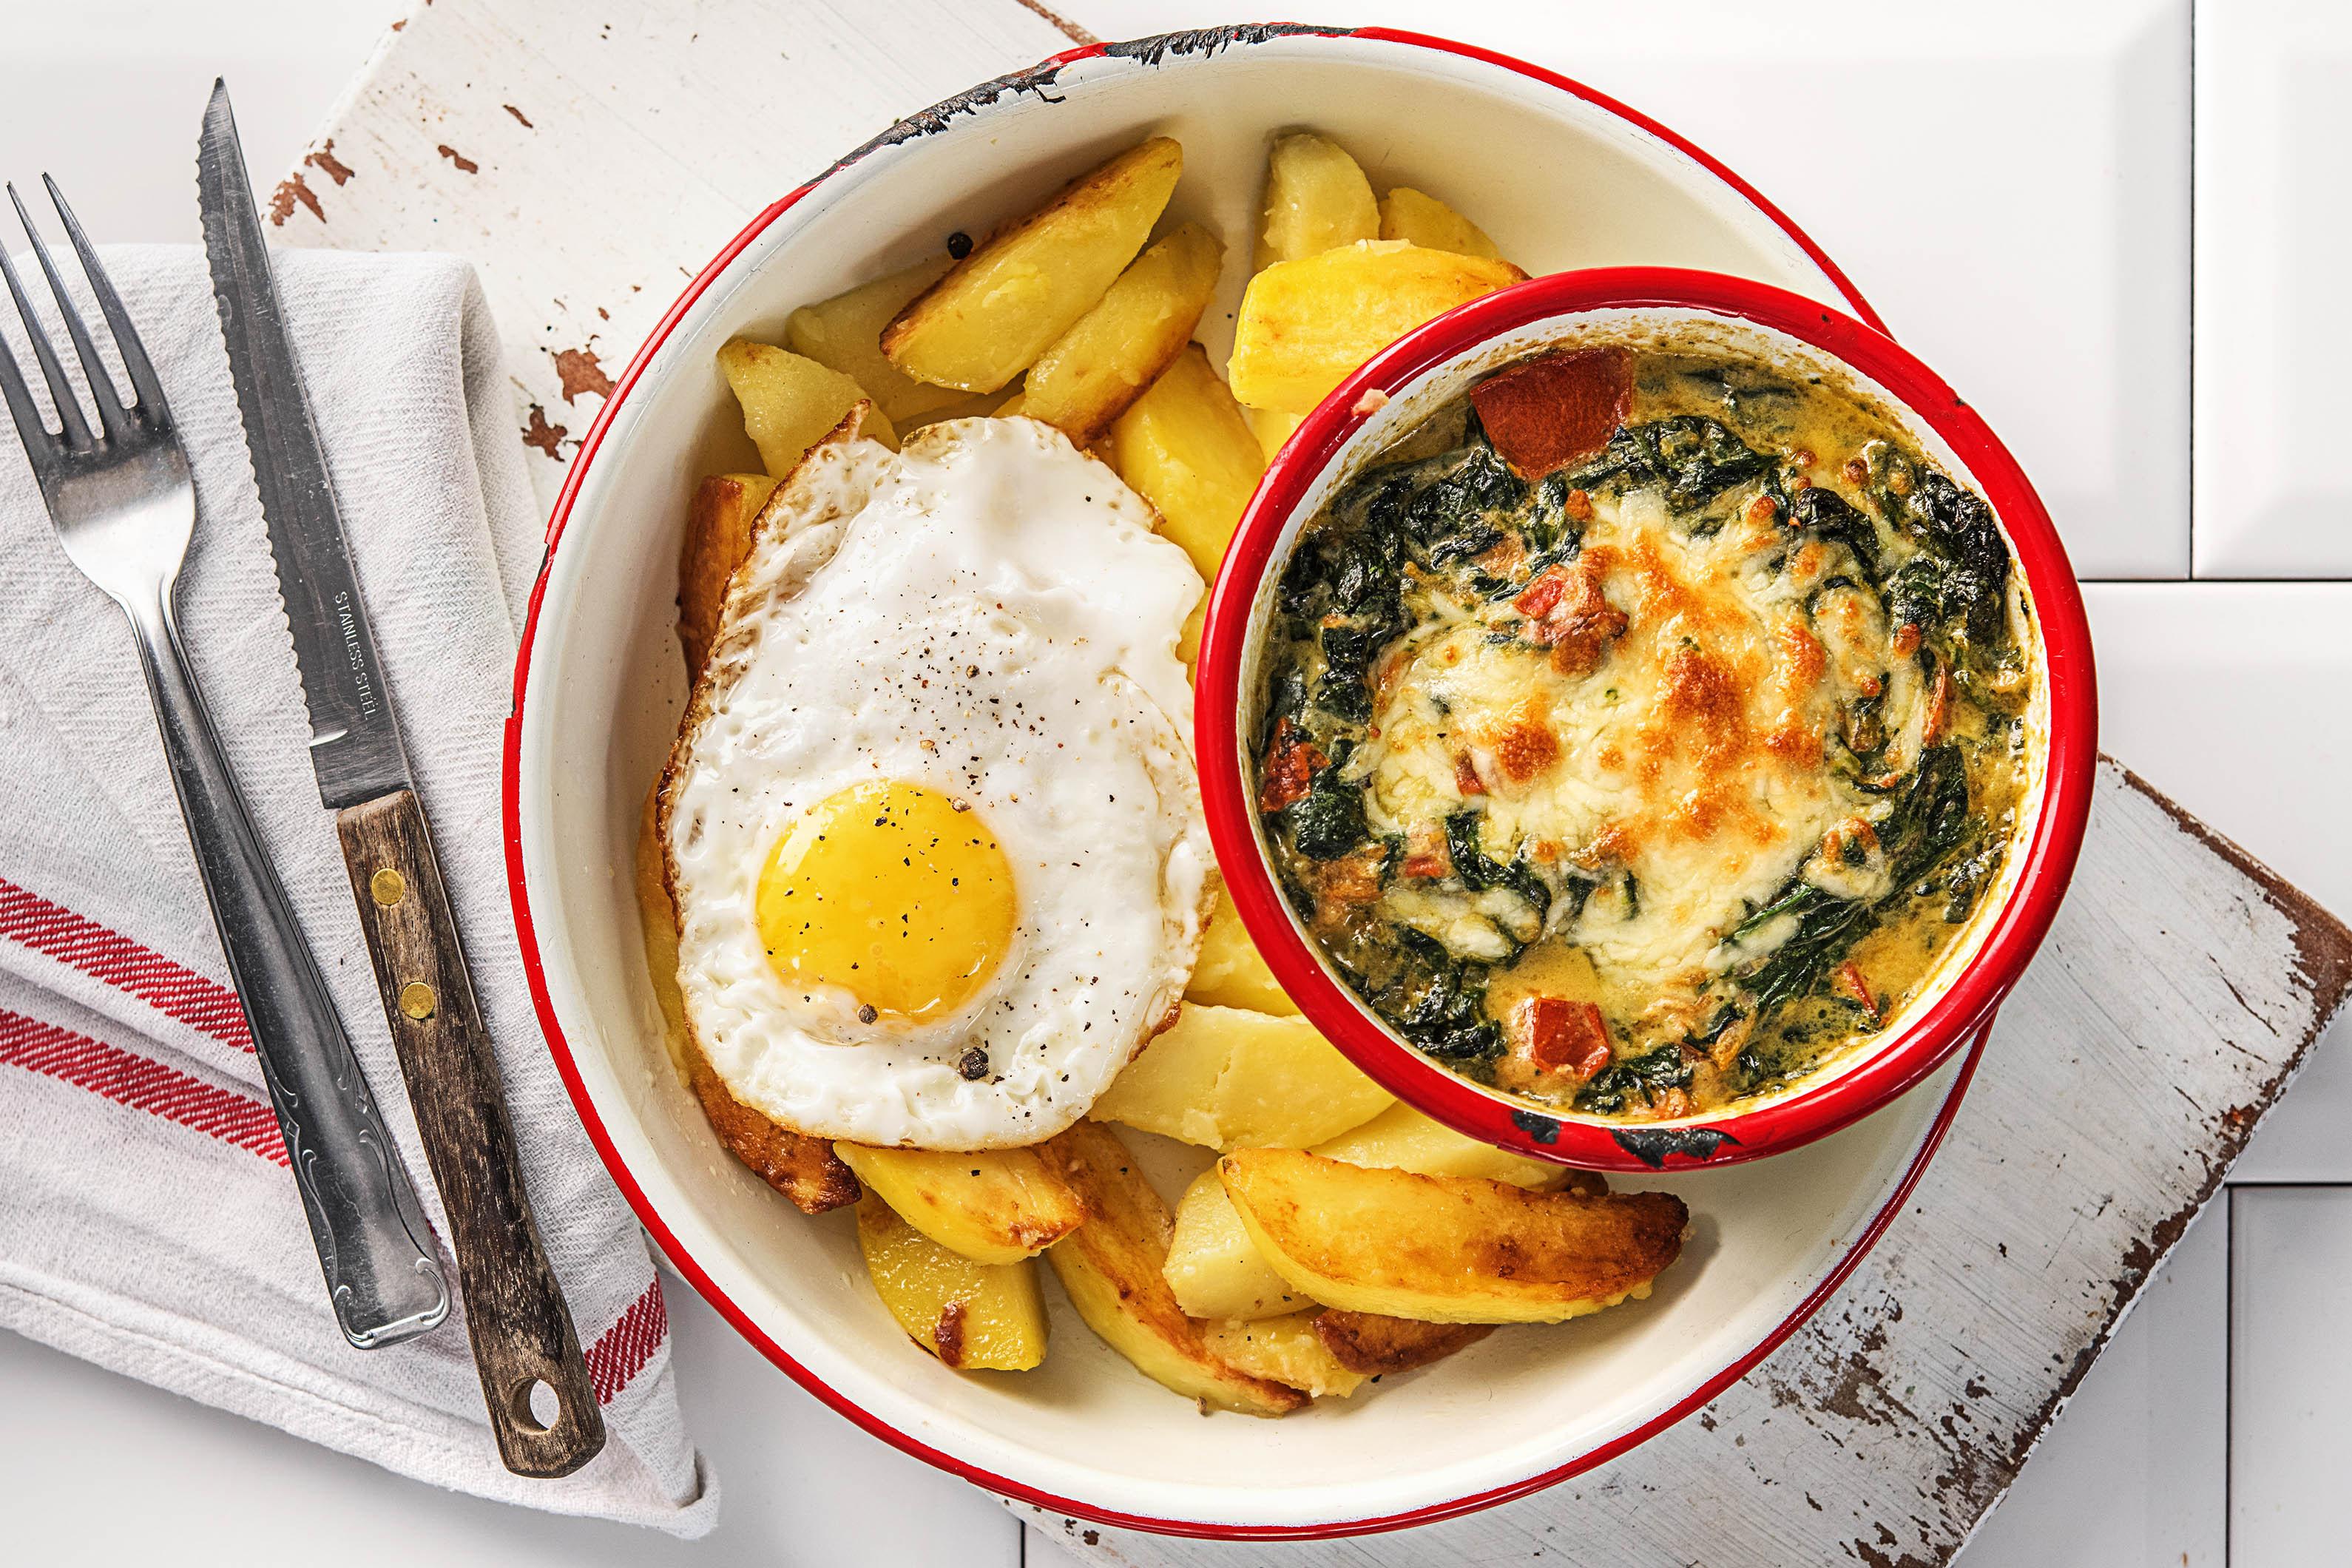 Gratin d'épinards crémeux et œuf au plat